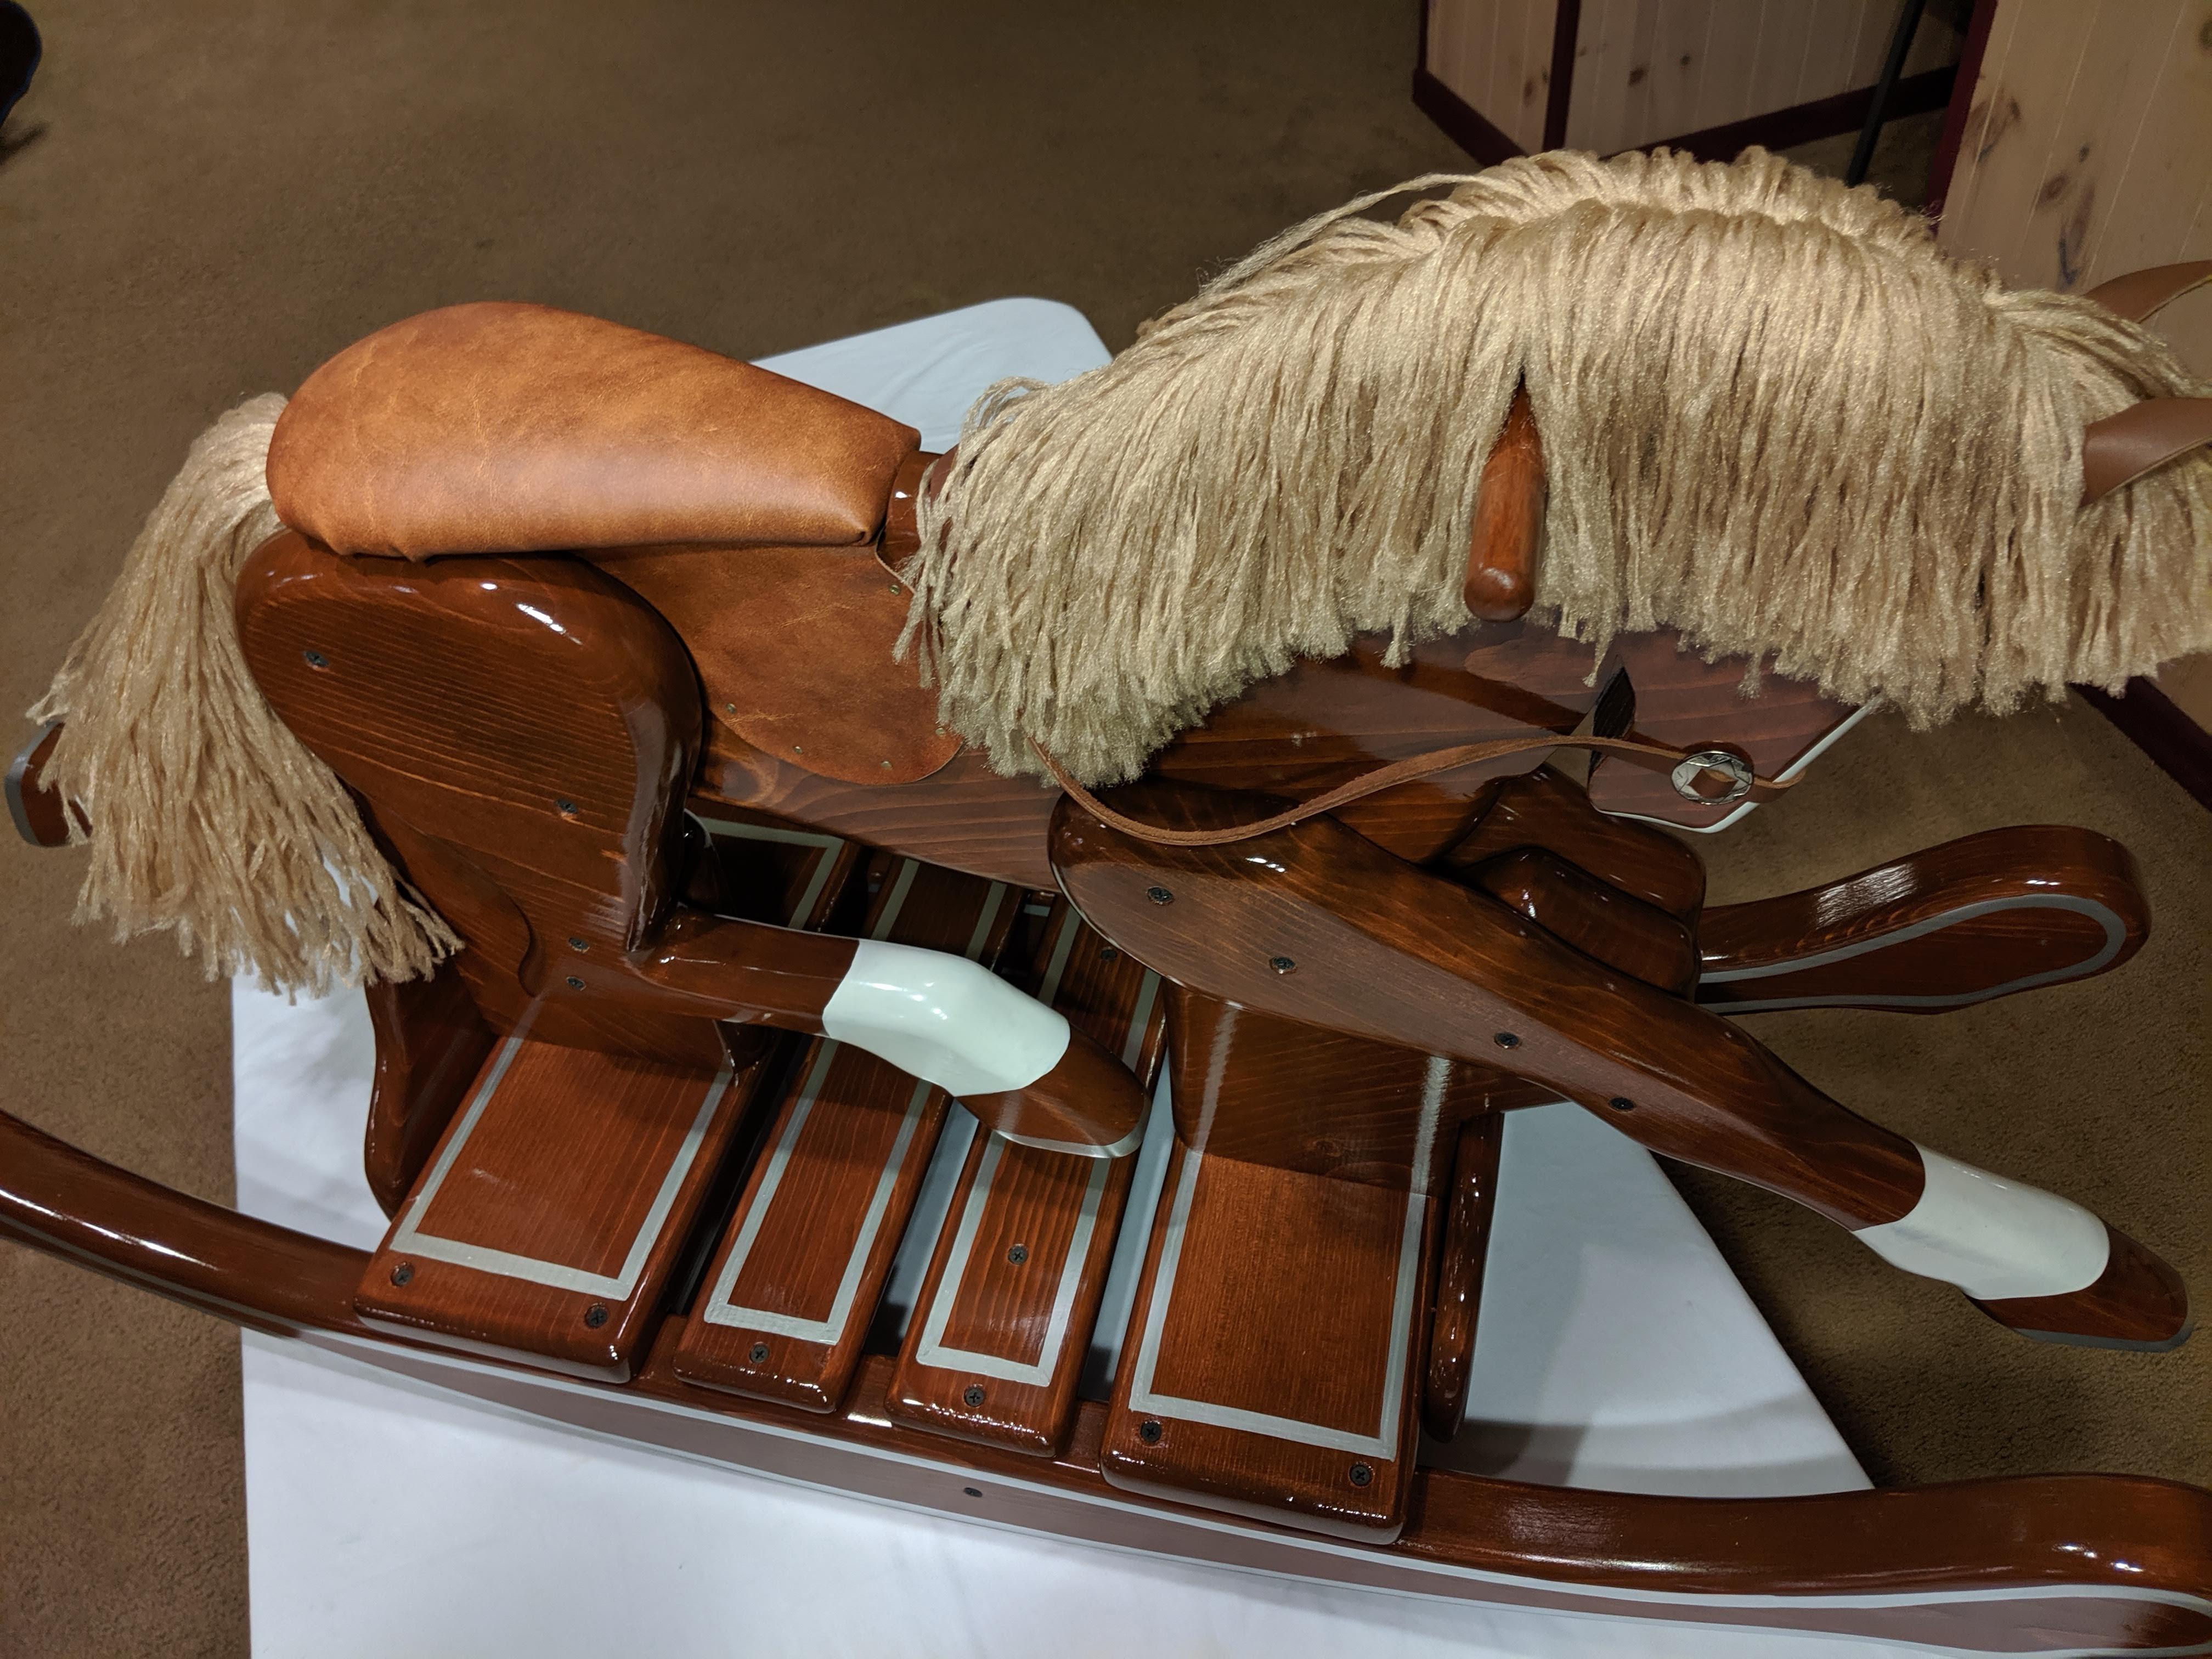 race horse C 6 19 2020